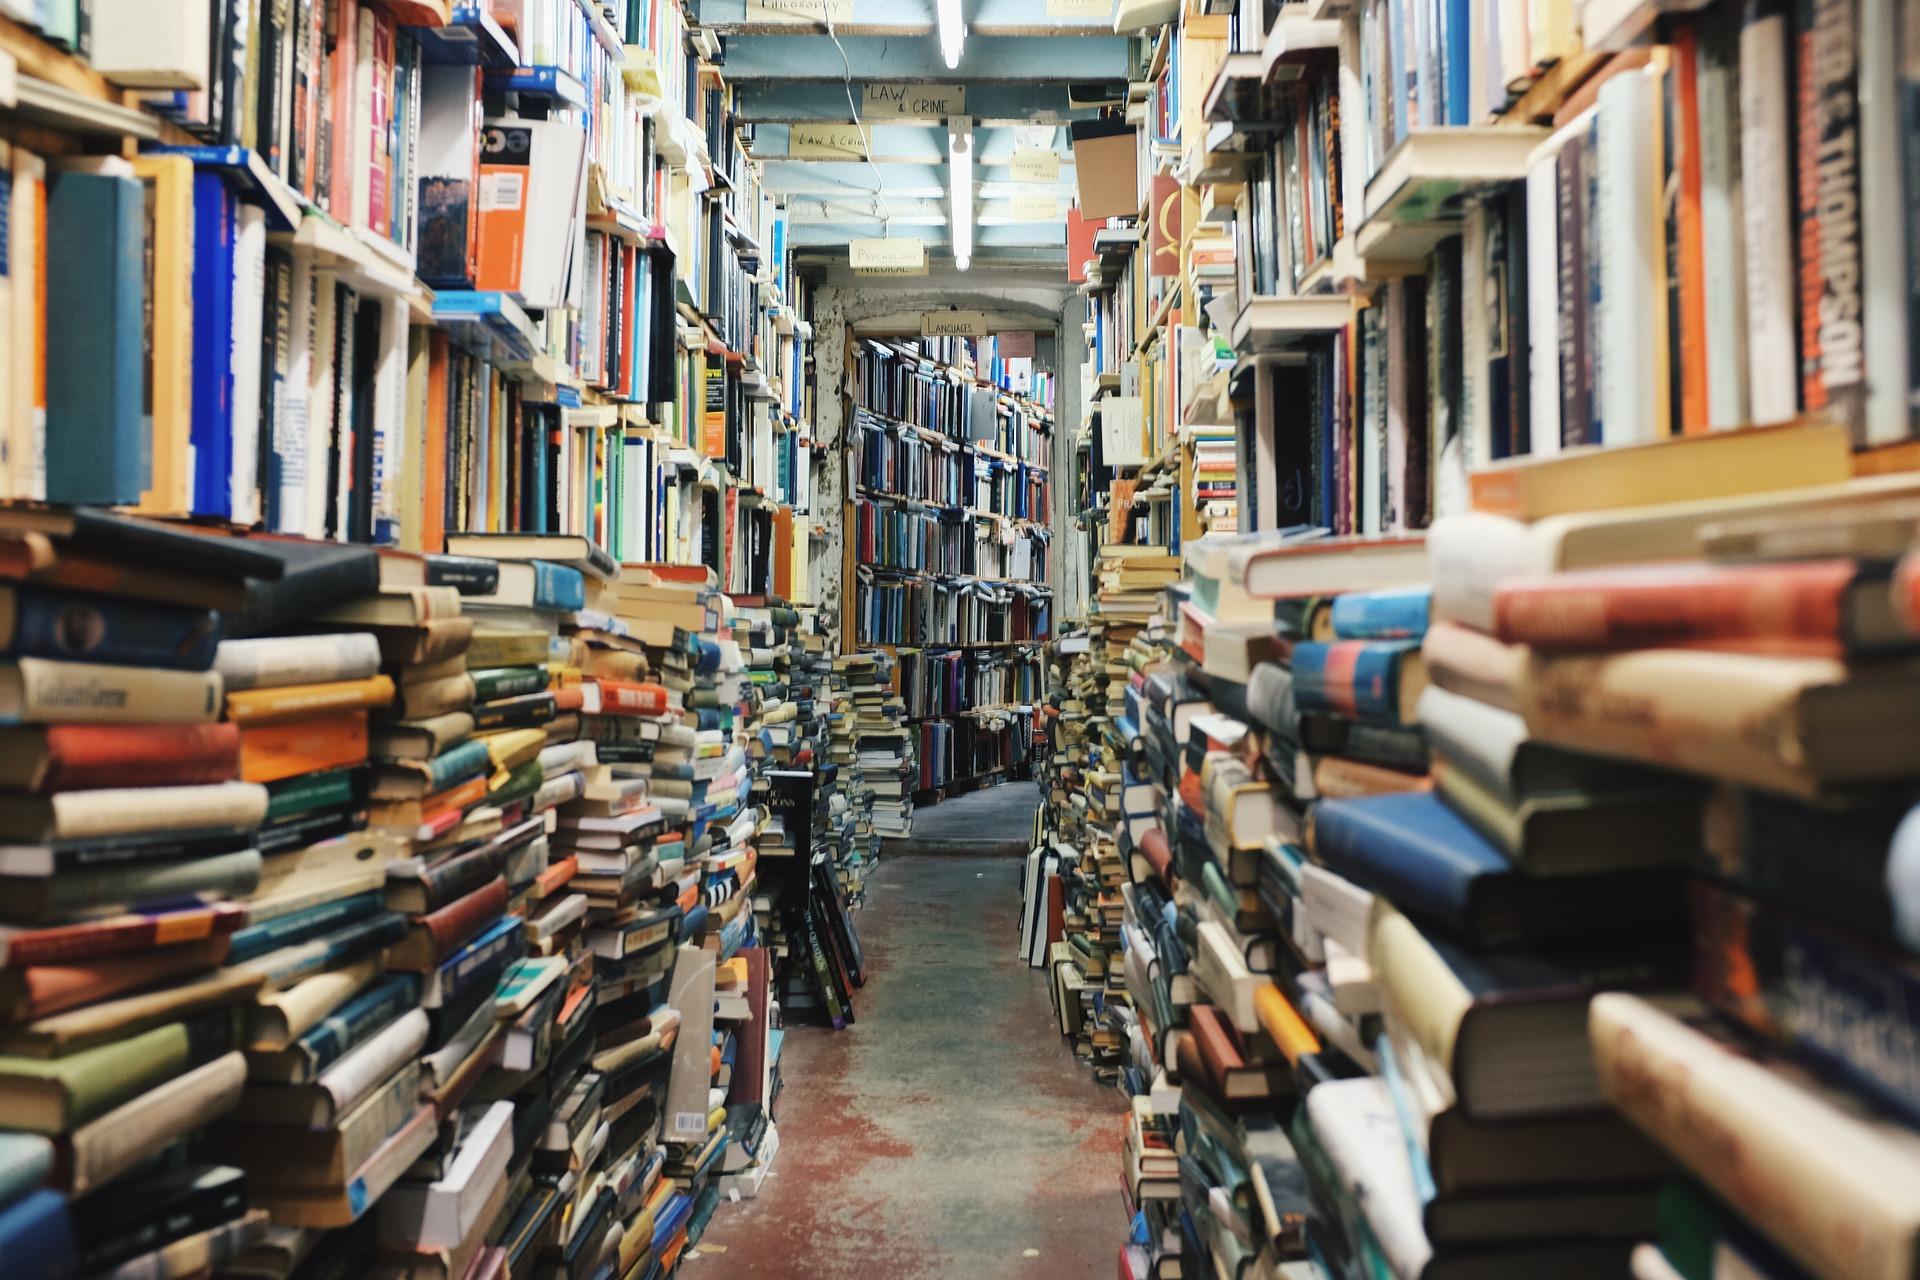 Un po' di novità in libreria